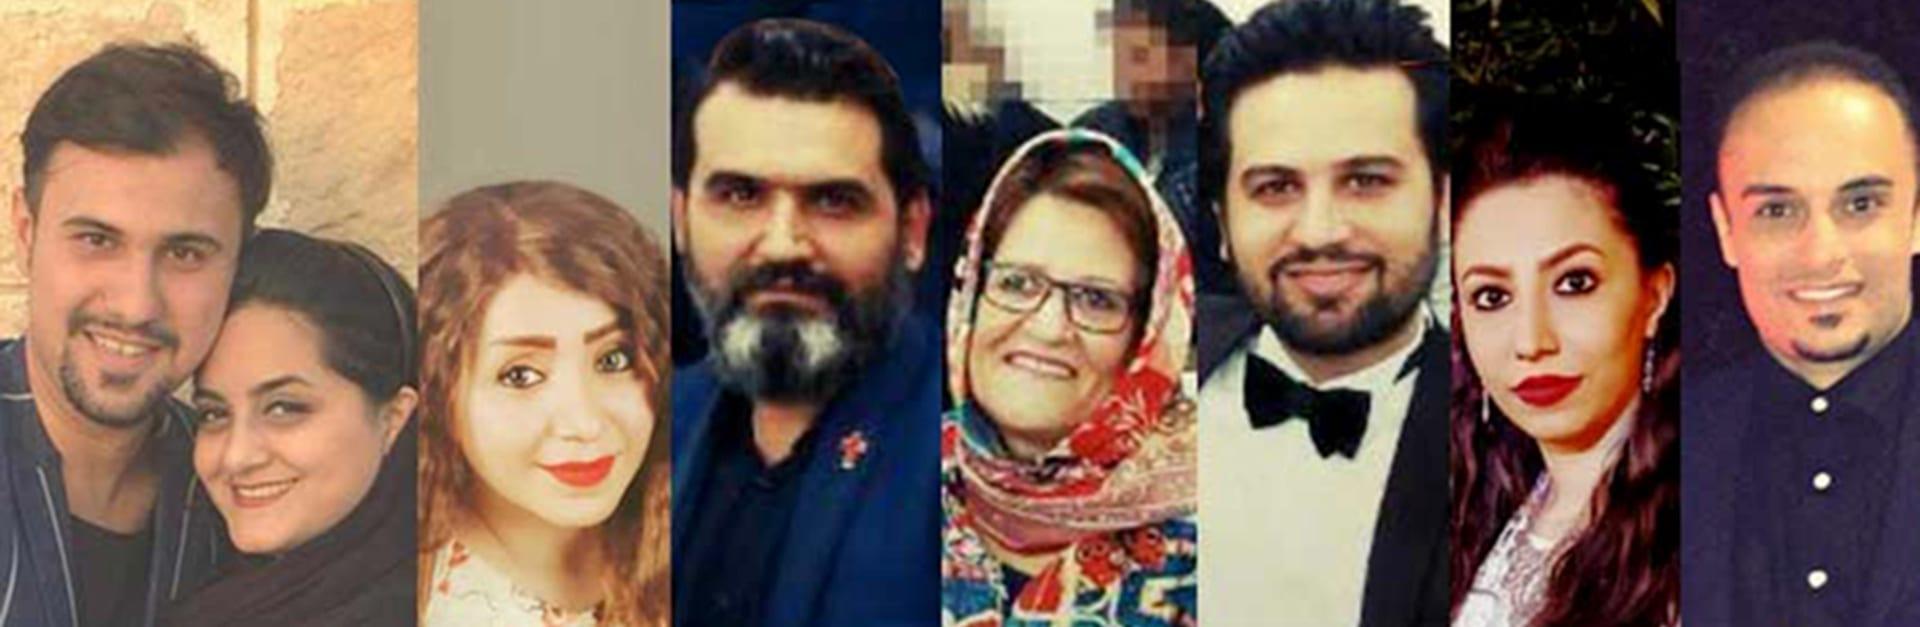 Sieben gefangene iranische Konvertiten